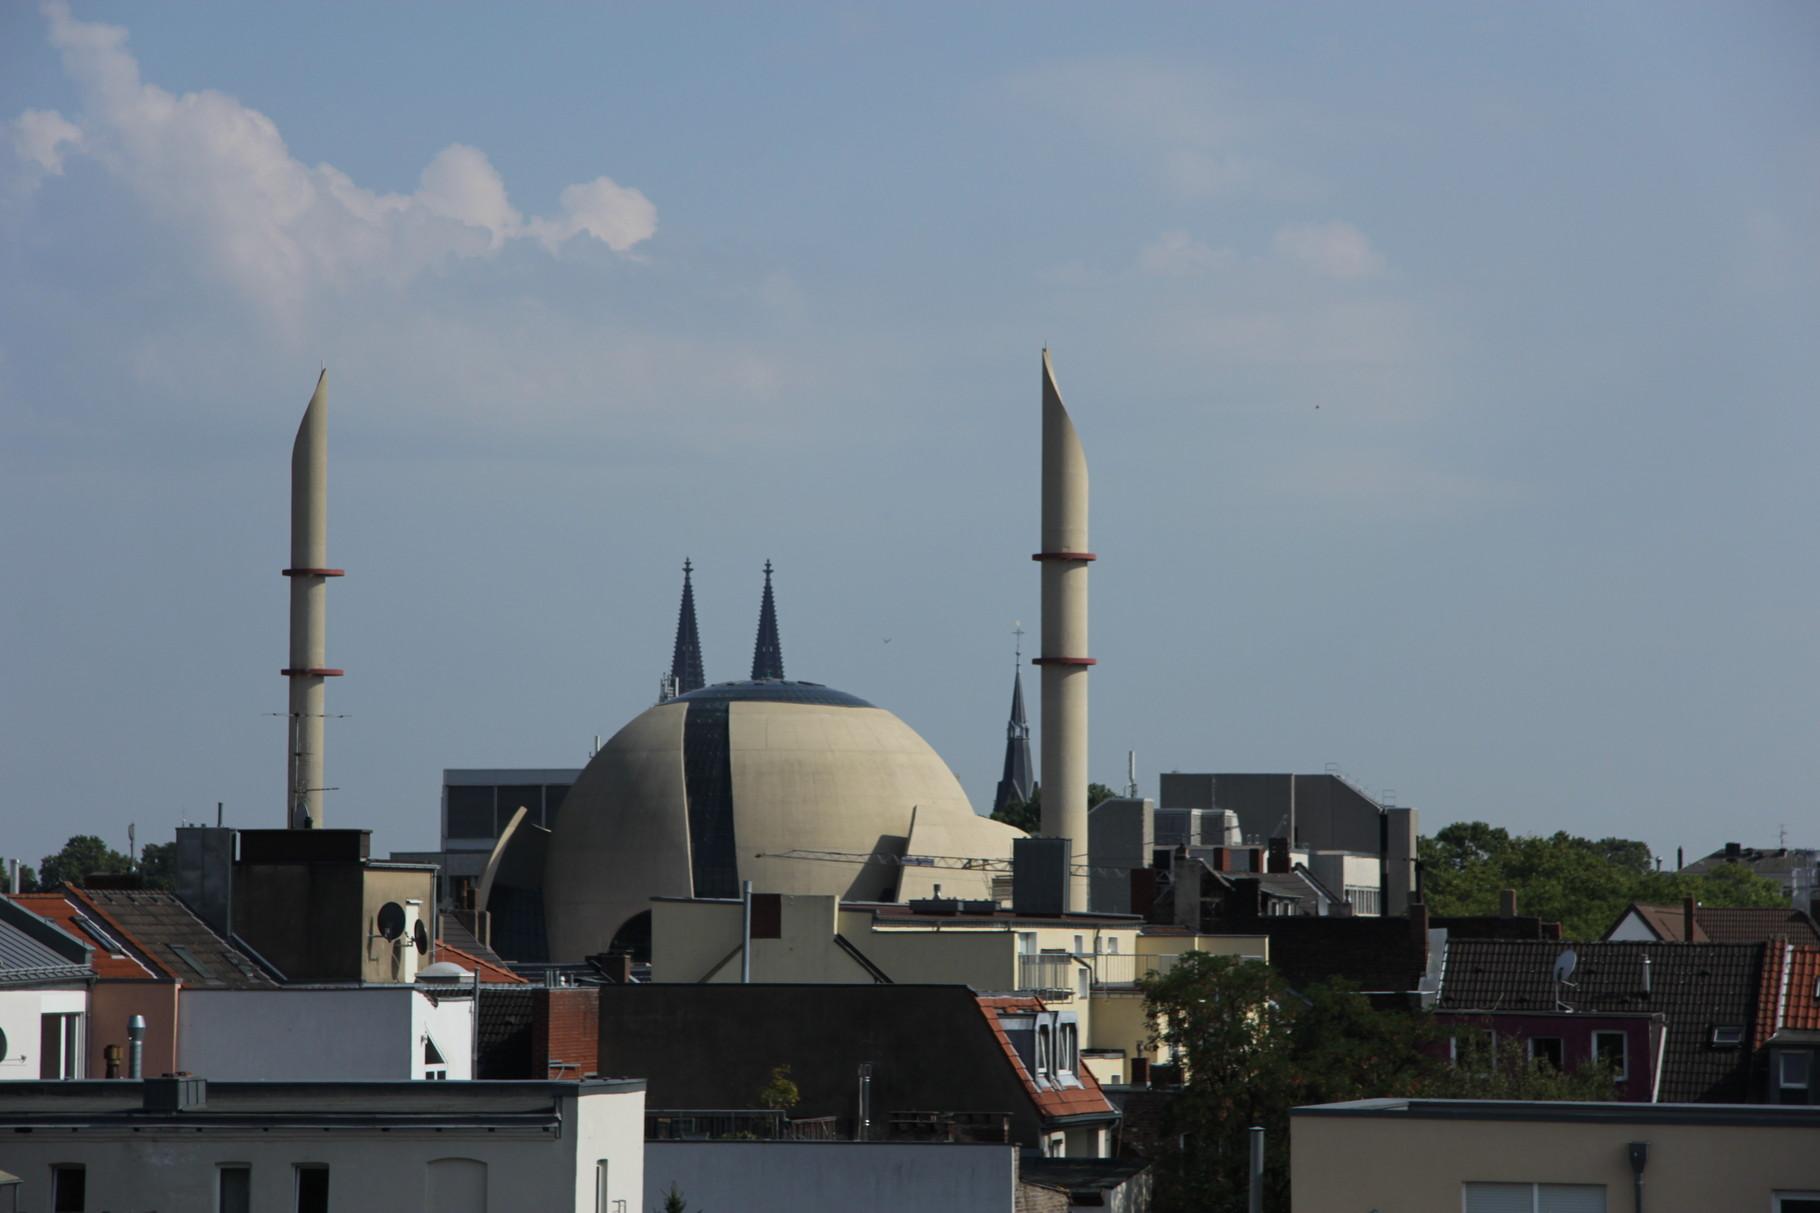 Ehrenfeld-Führung - Blick auf Zentralmoschee und Domspitzen